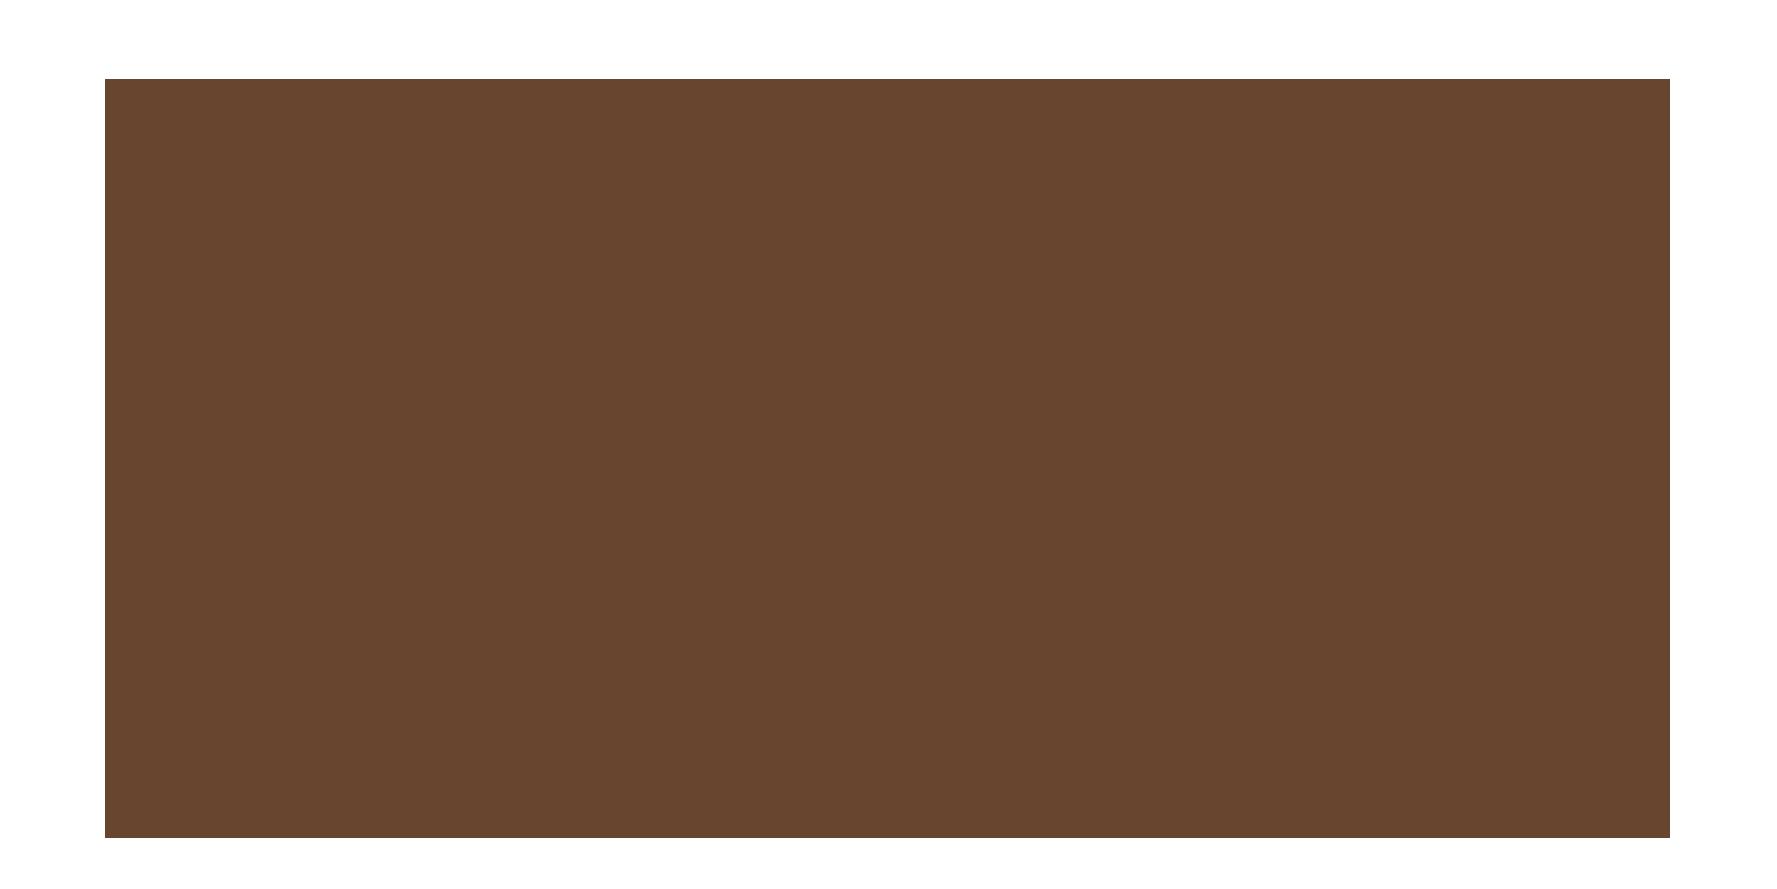 logo_eli_pericka copy 2.png